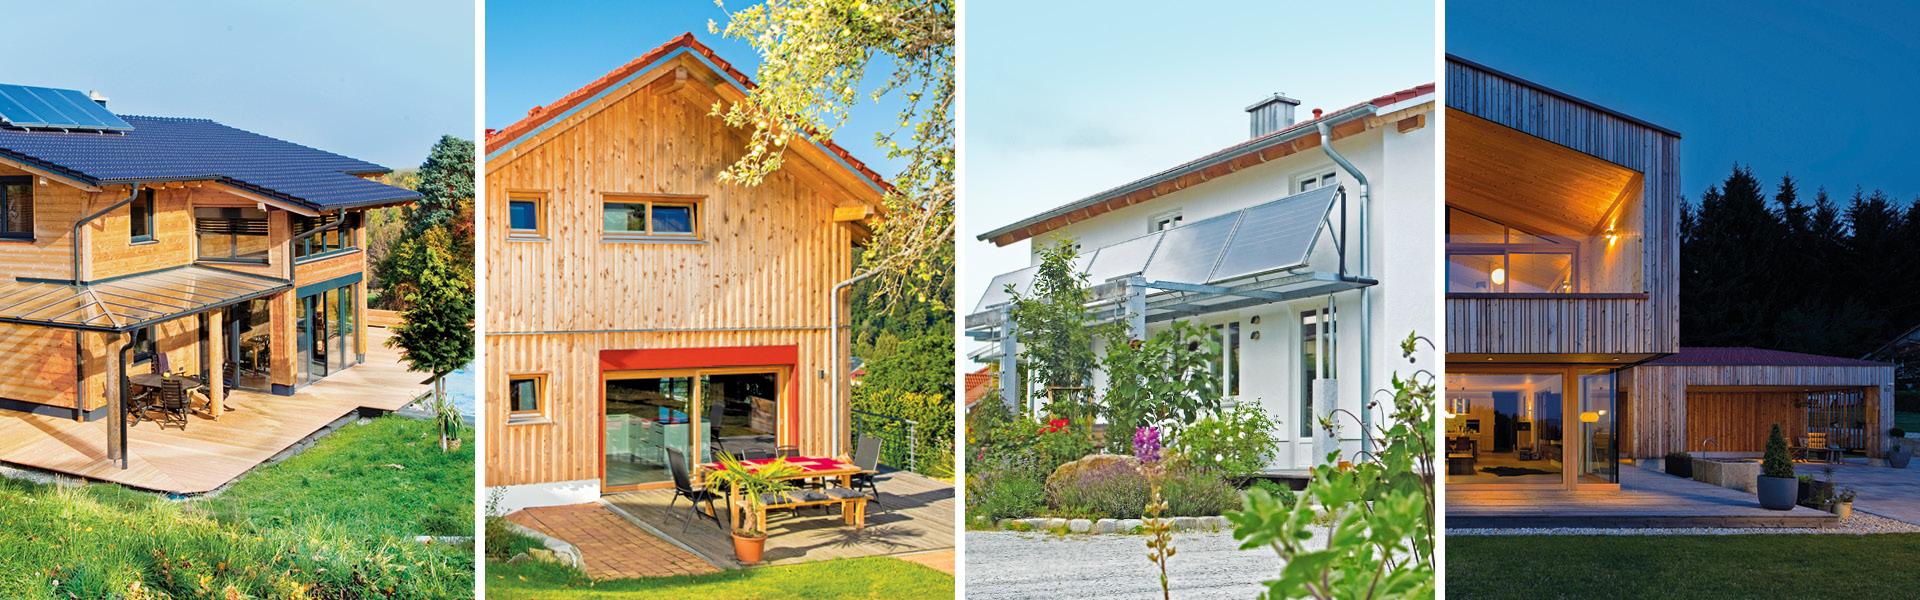 Foto-Collage aus vier Massivholzhäusern mit unterschiedlichem Aussehen und Fassadengestaltung